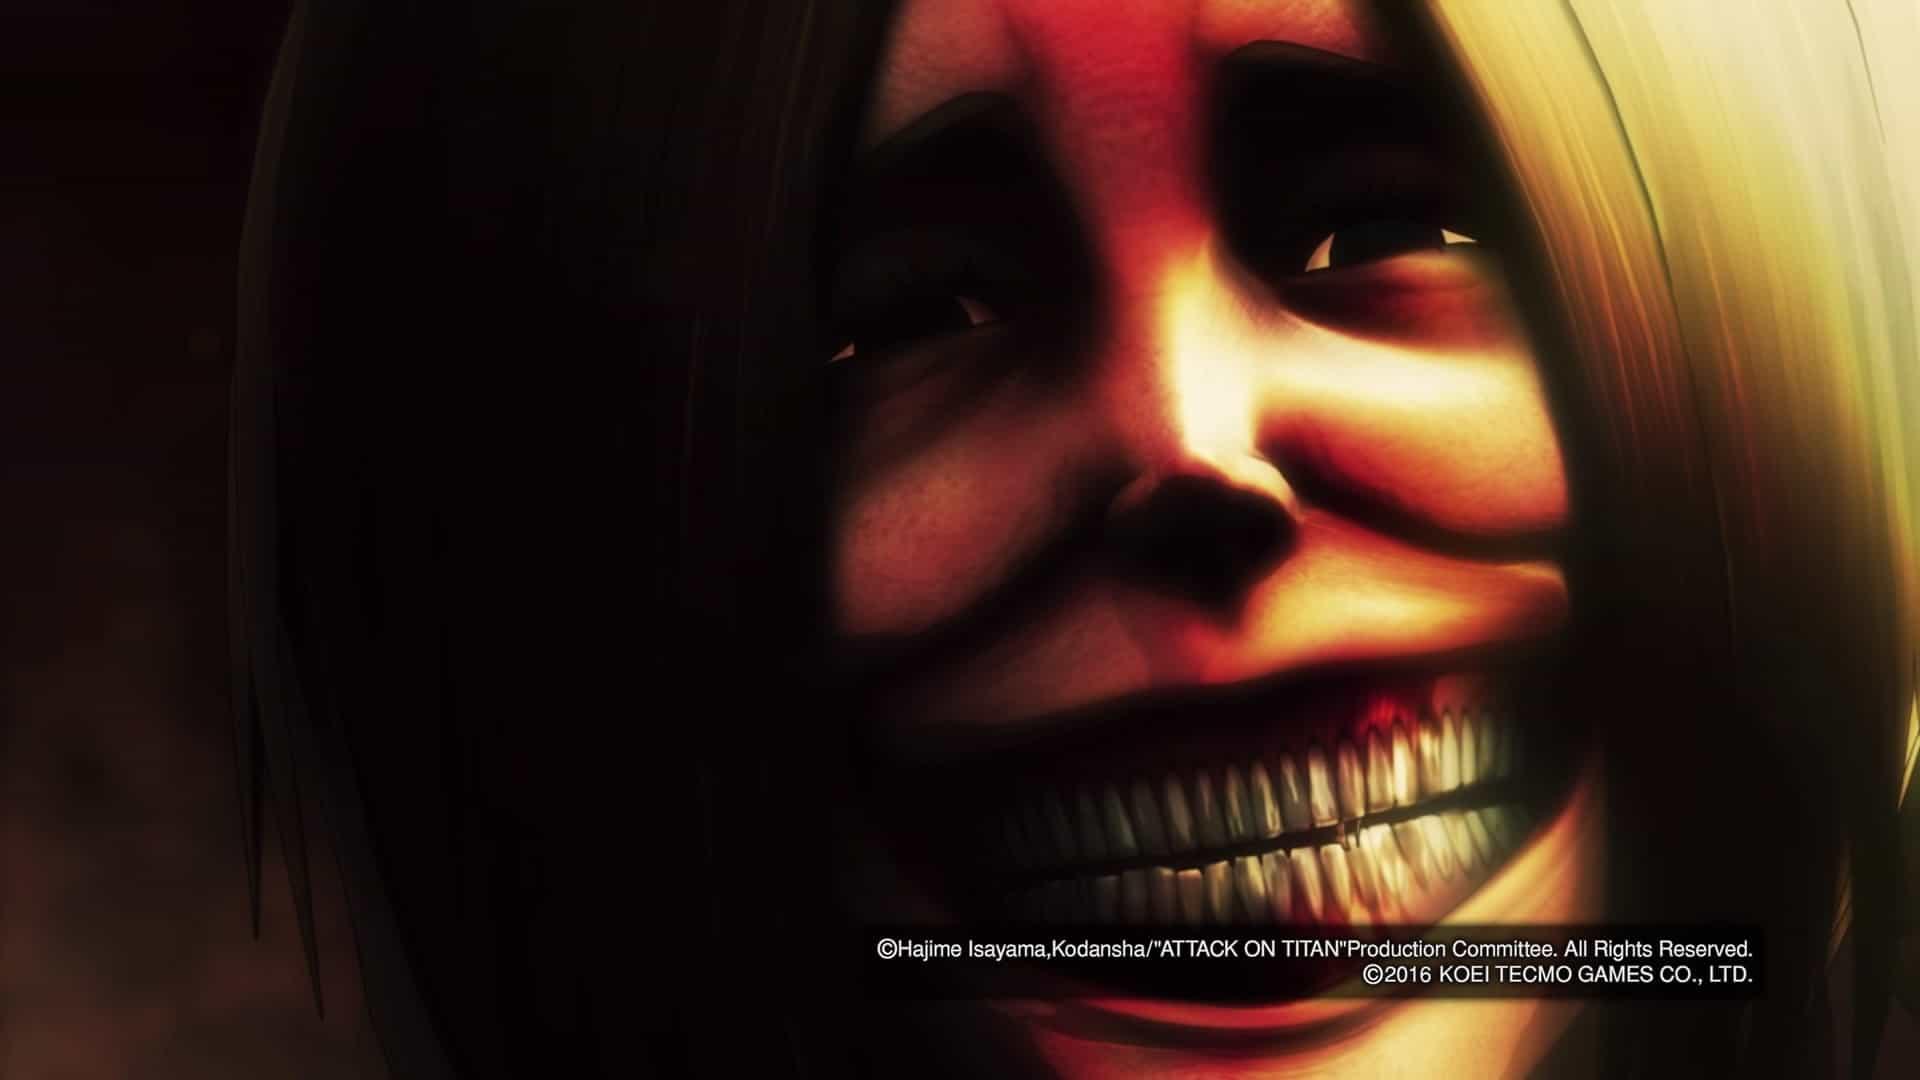 Attack on titan wings of freedom ps4 recensione - Allargare porta interna ...